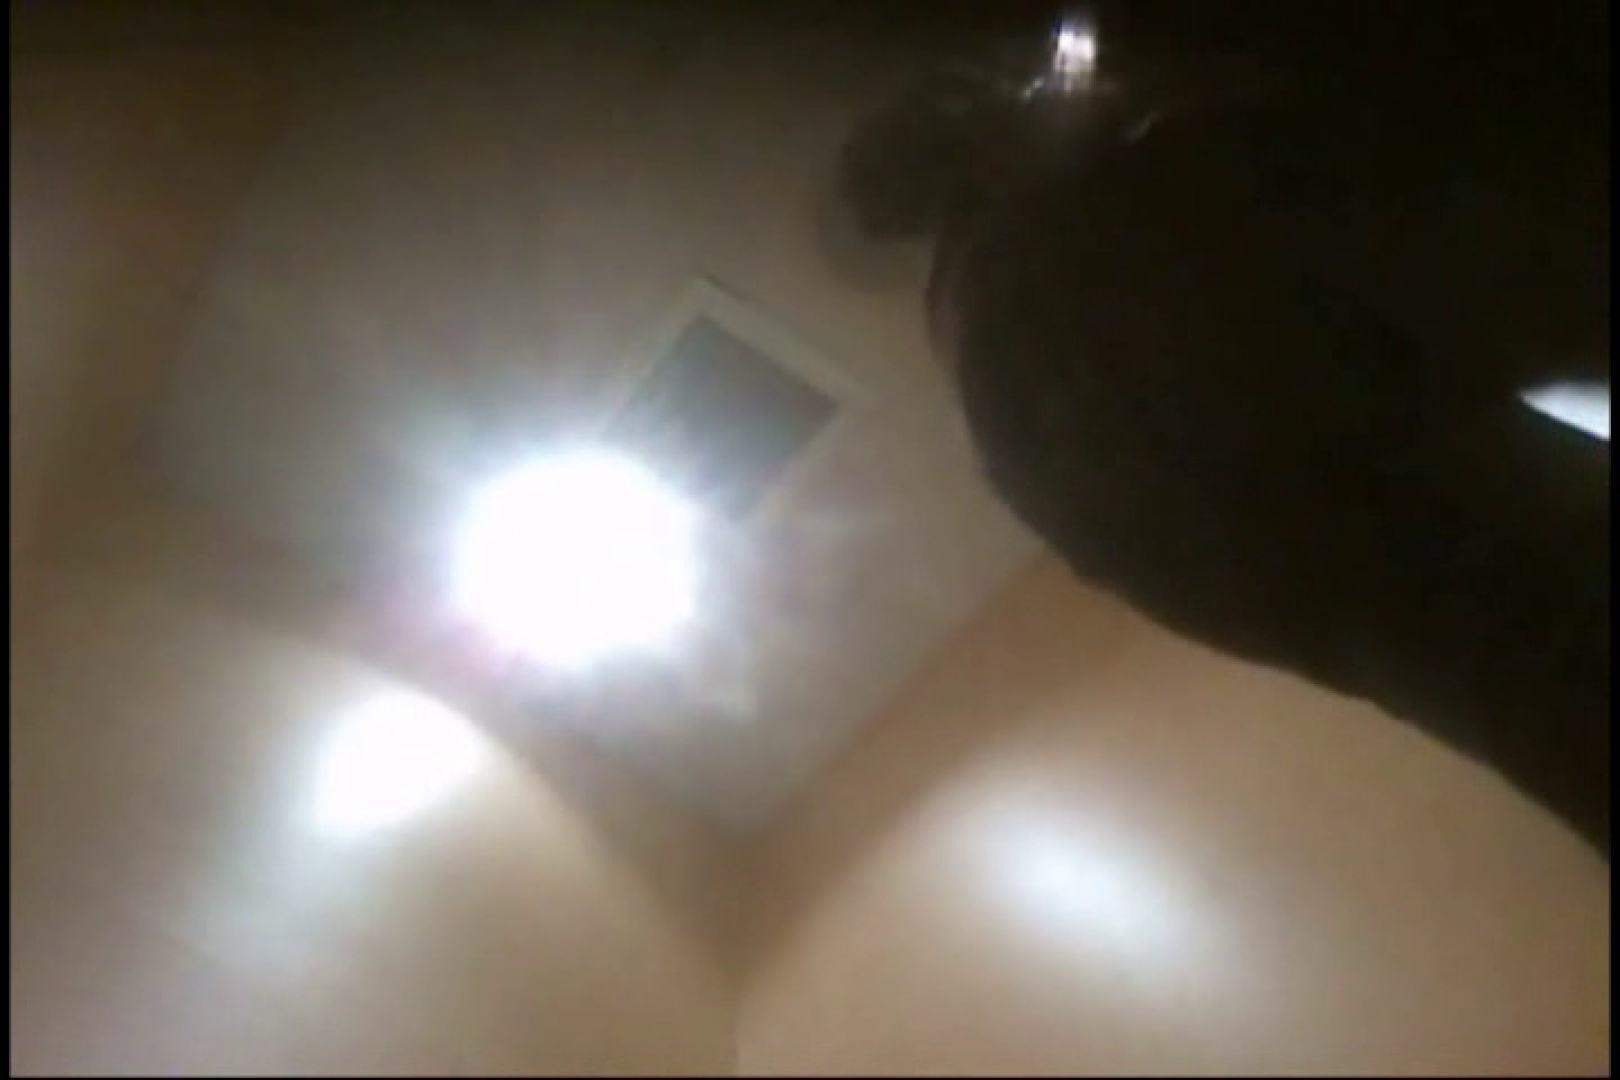 画質向上!新亀さん厠 vol.53 モロだしオマンコ 盗み撮り動画キャプチャ 73pic 34